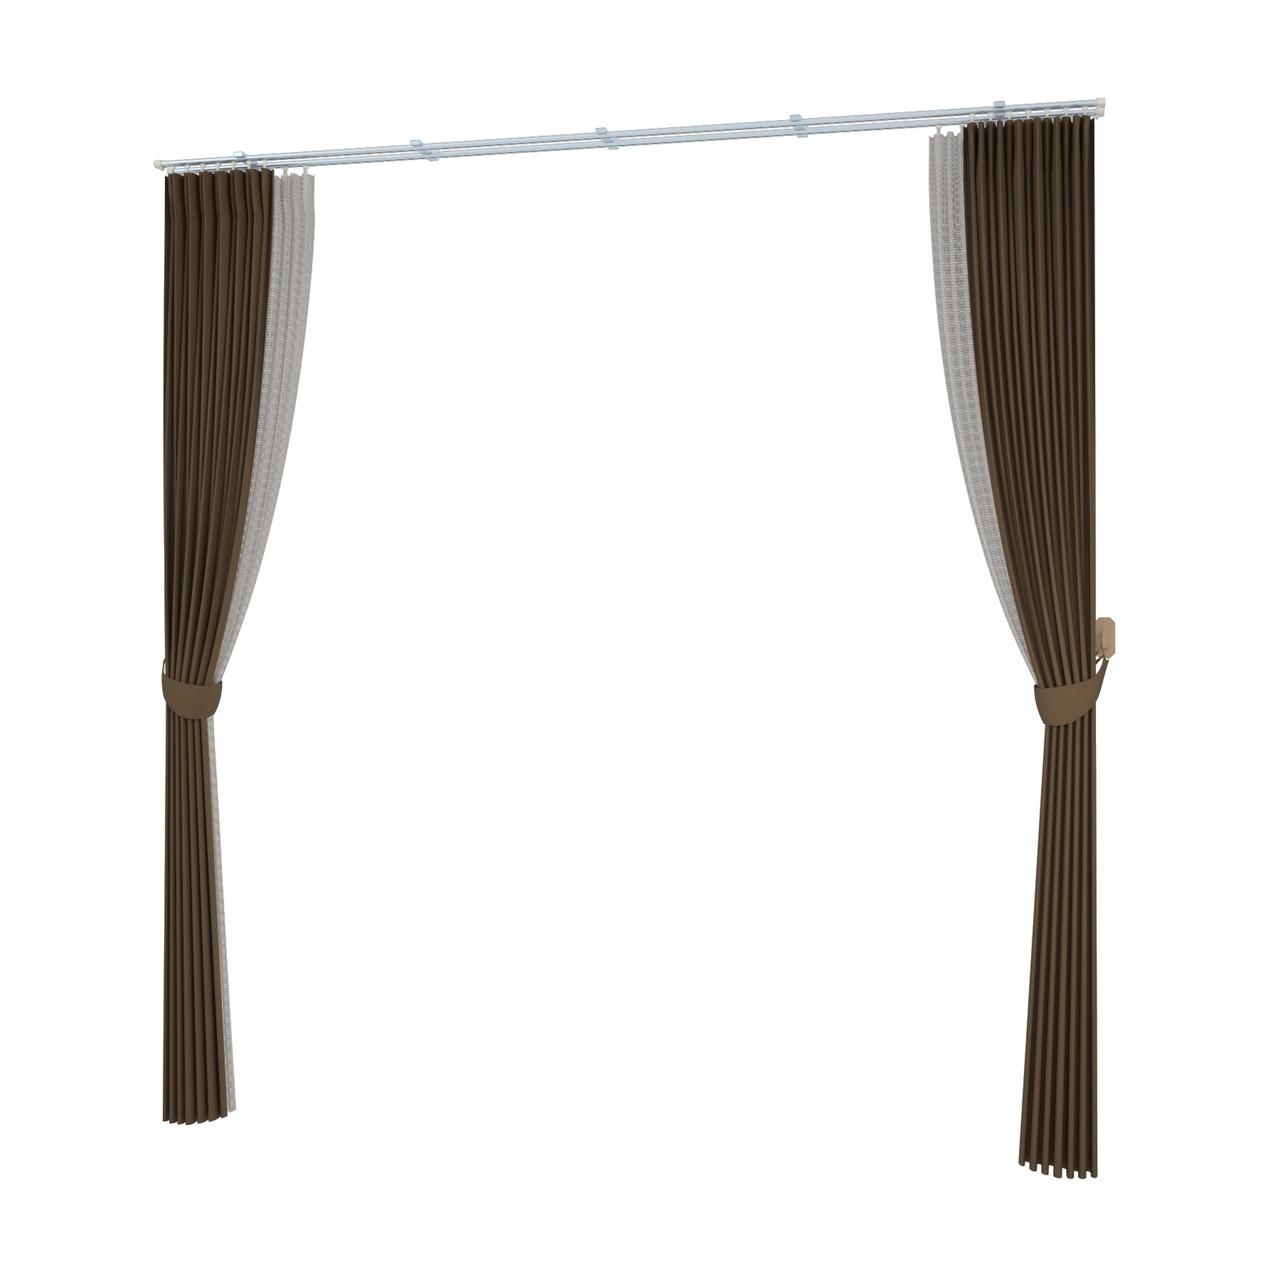 束ねたカーテン・房掛けあり(ブラウン)の3DCADデータ│遮光カーテン レースのカーテン│シンプルなカーテンレール│3d cad データ フリー 無料 商用可能 建築パース フリー素材 formZ 3D 3ds obj インテリア interior curtain